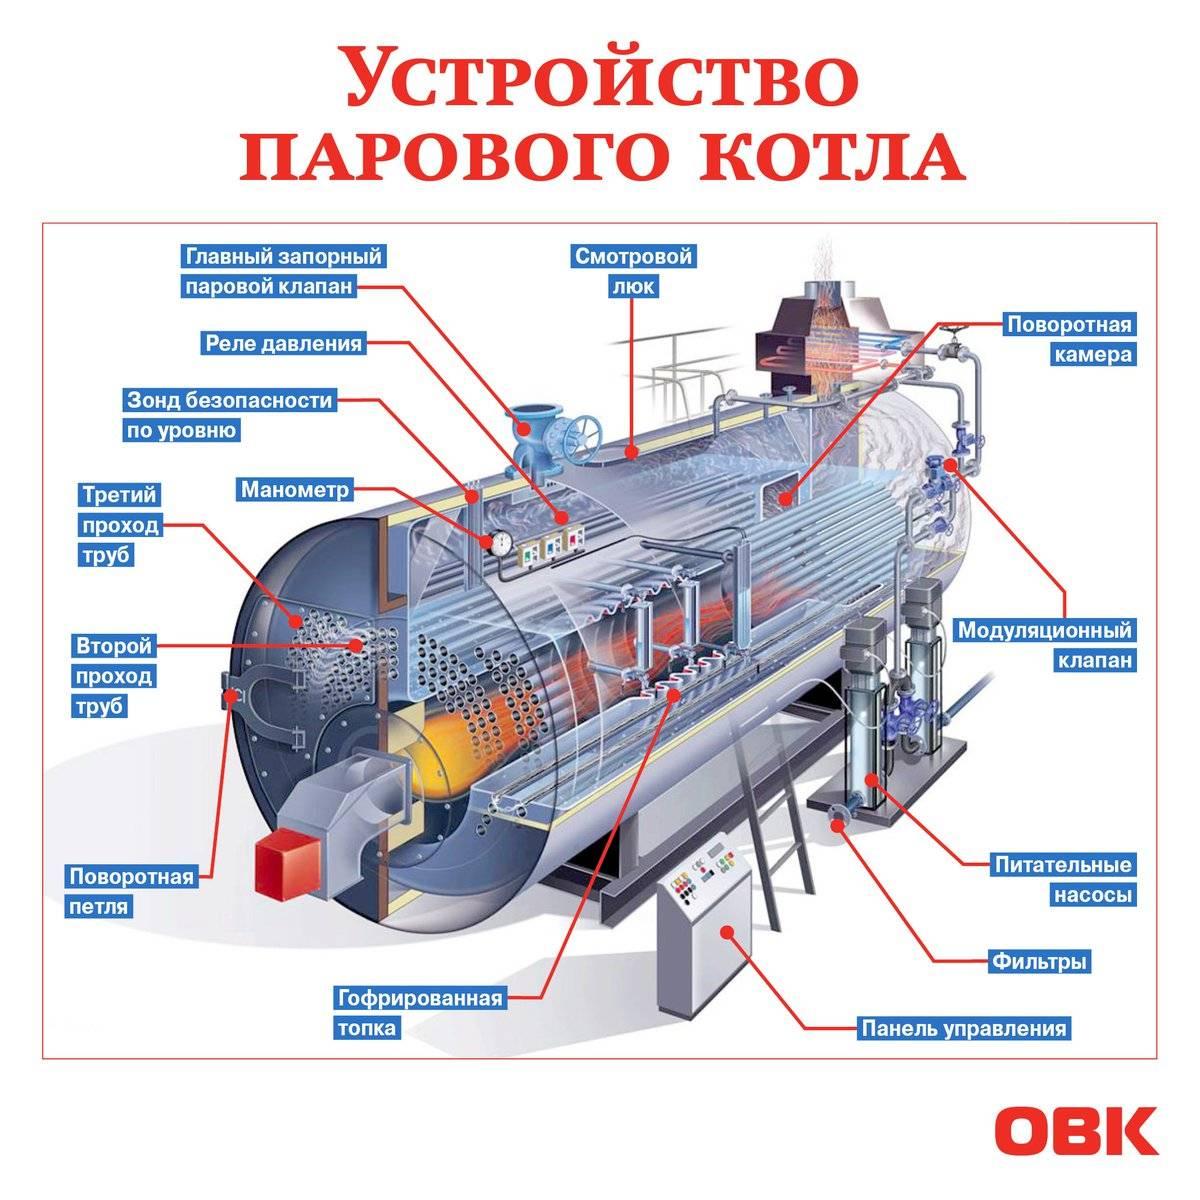 Котел-утилизатор: характеристики, принцип работы. котел утилизатор принцип работы